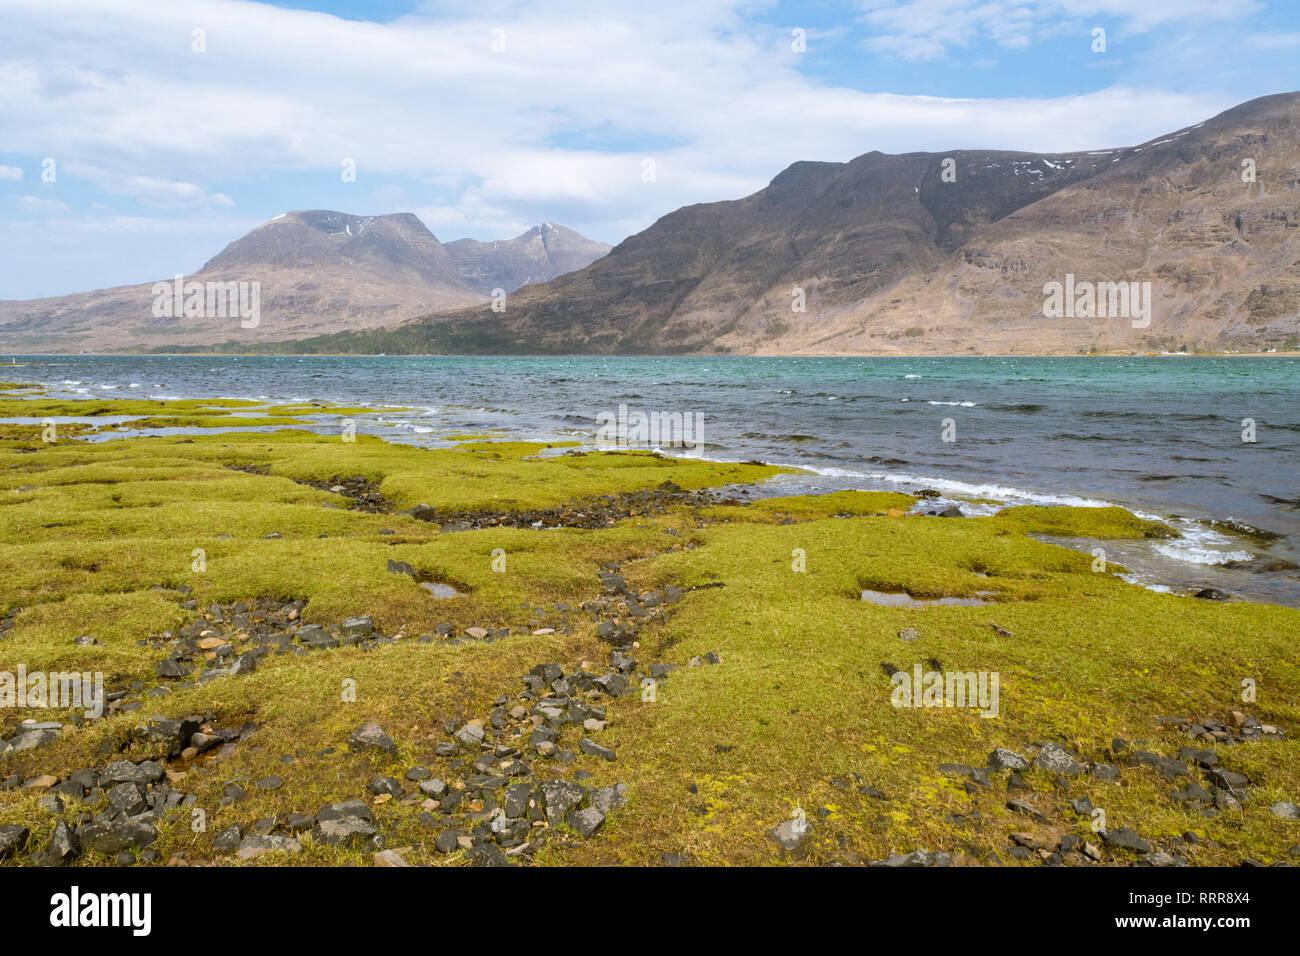 Upper Loch Torridon and Beinn Alligin, North West Highlands of Scotland, UK - Stock Image